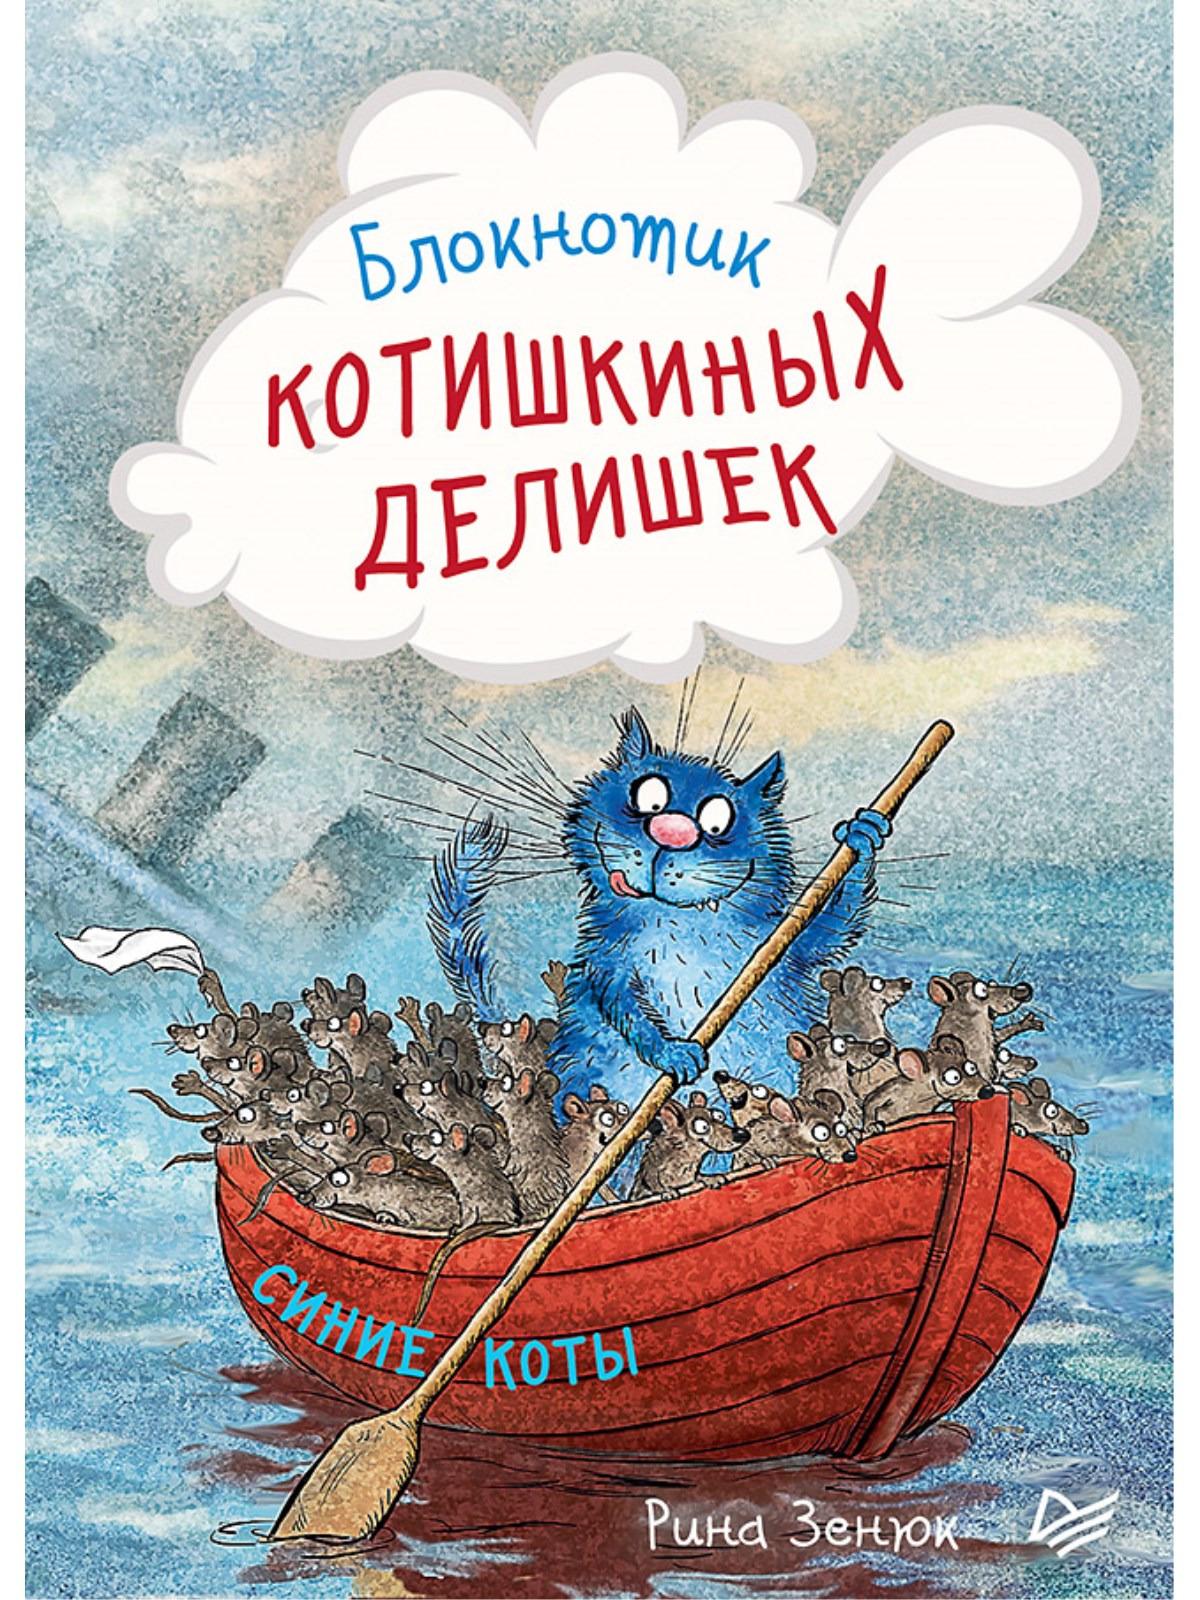 Блокнотик котишкиных делишек. Синие коты